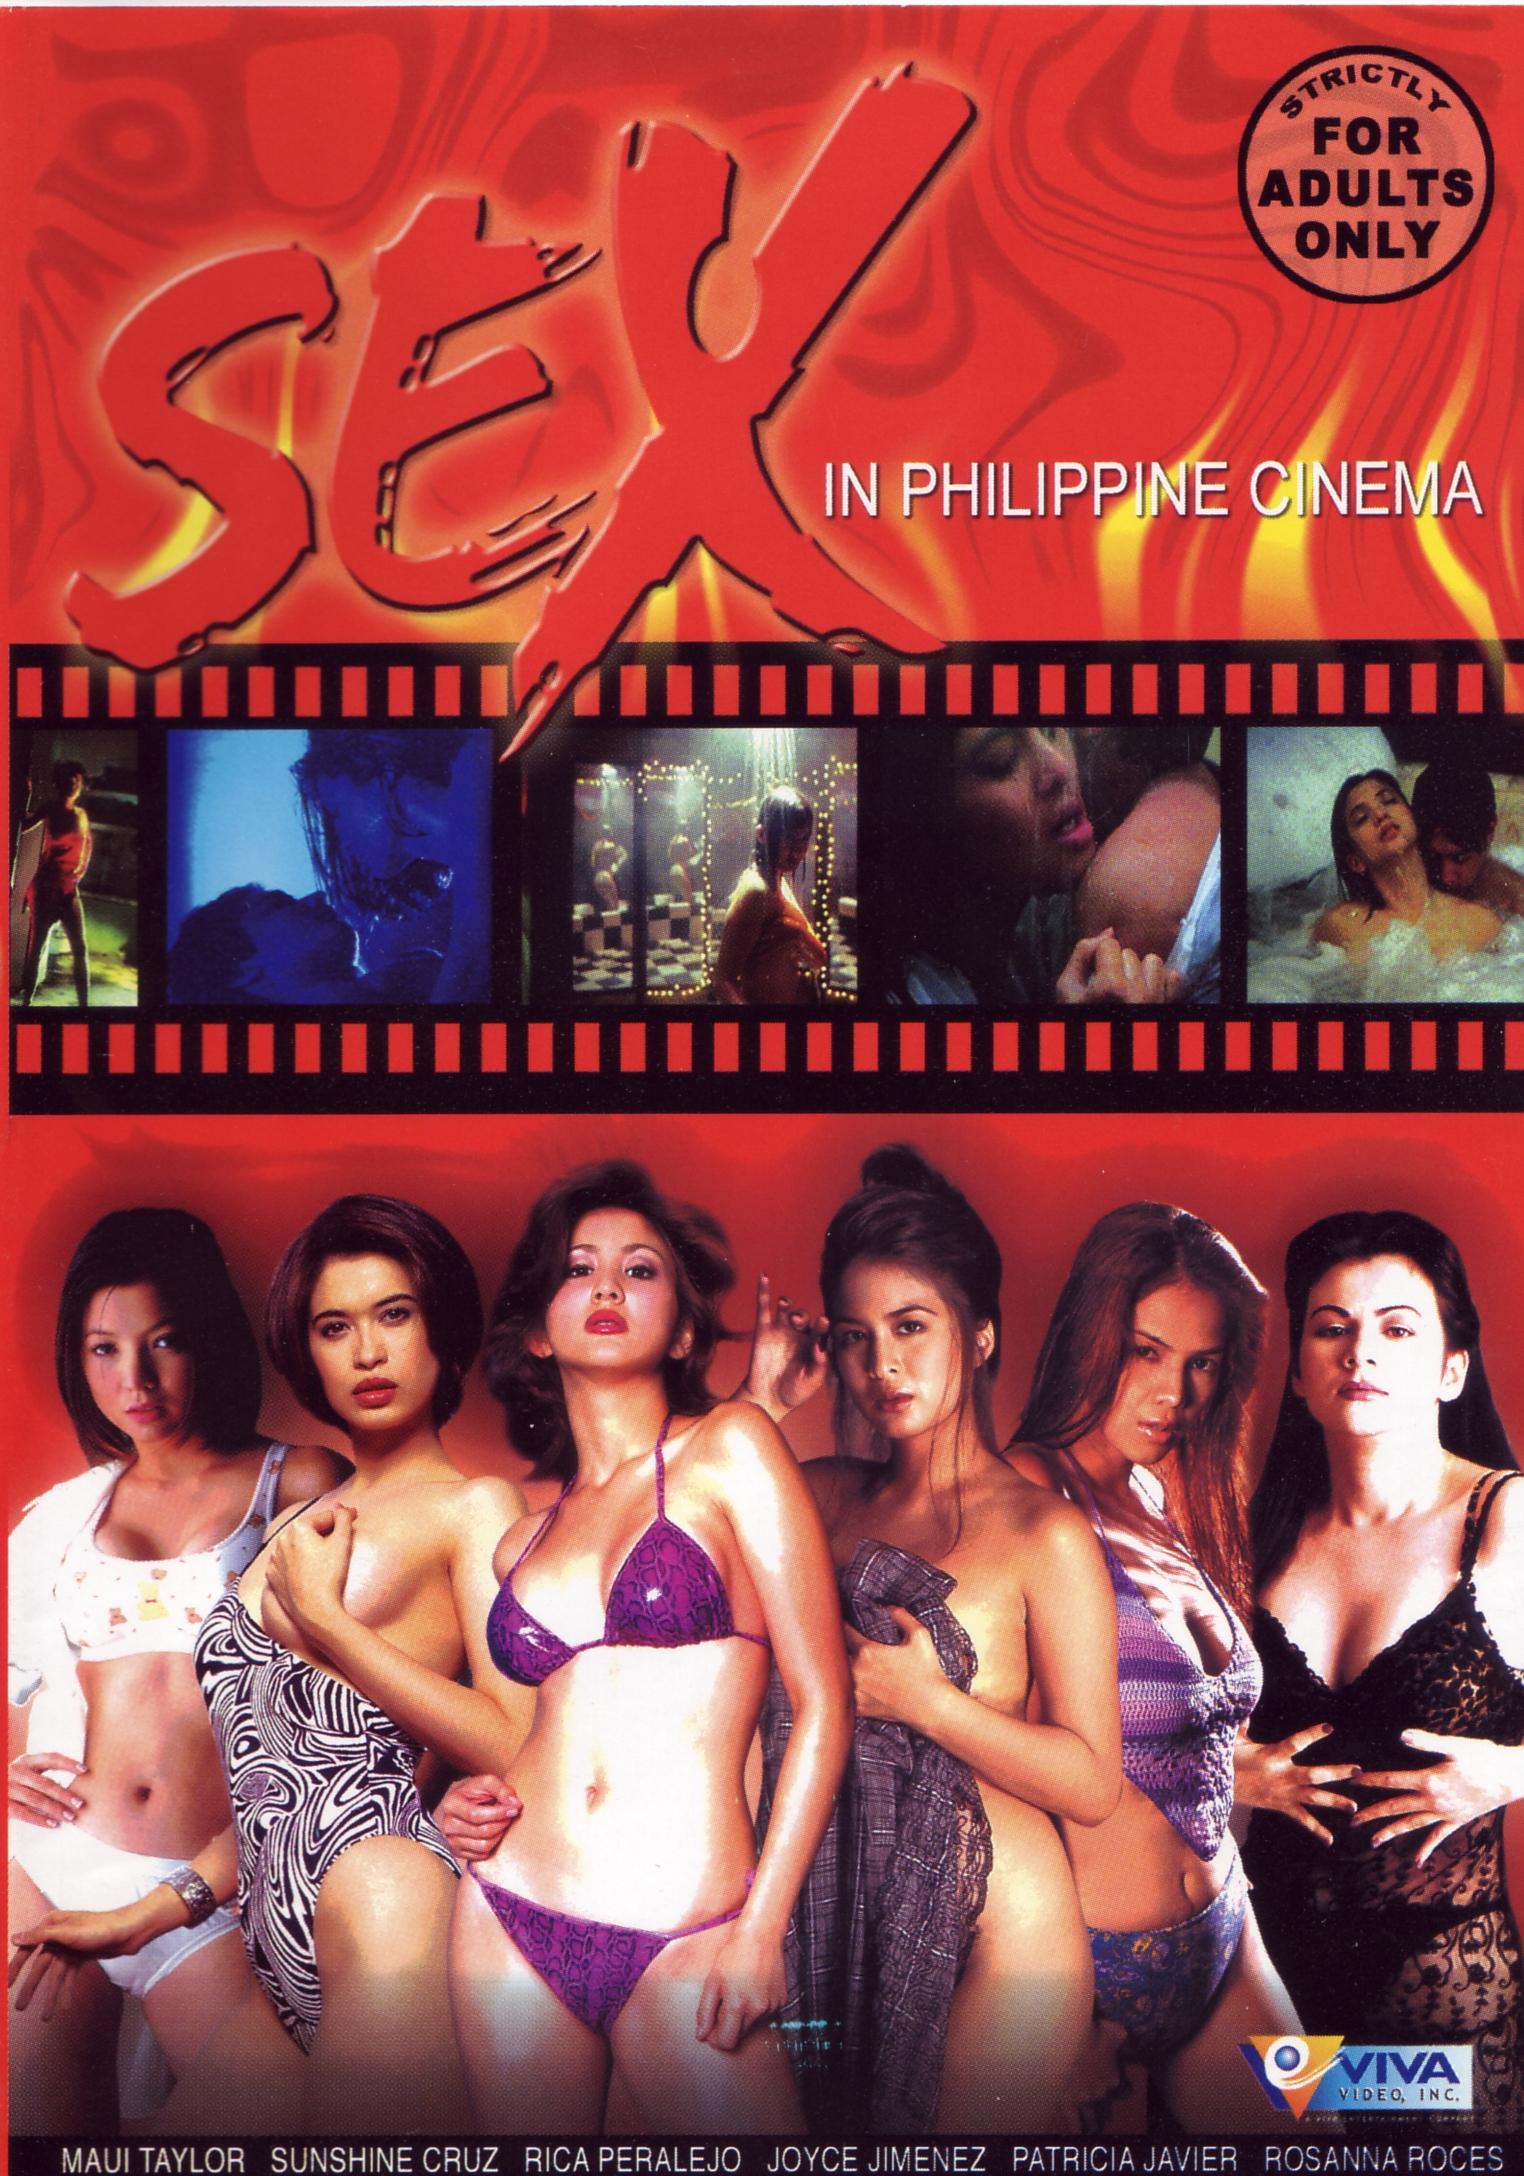 Sex club philippines